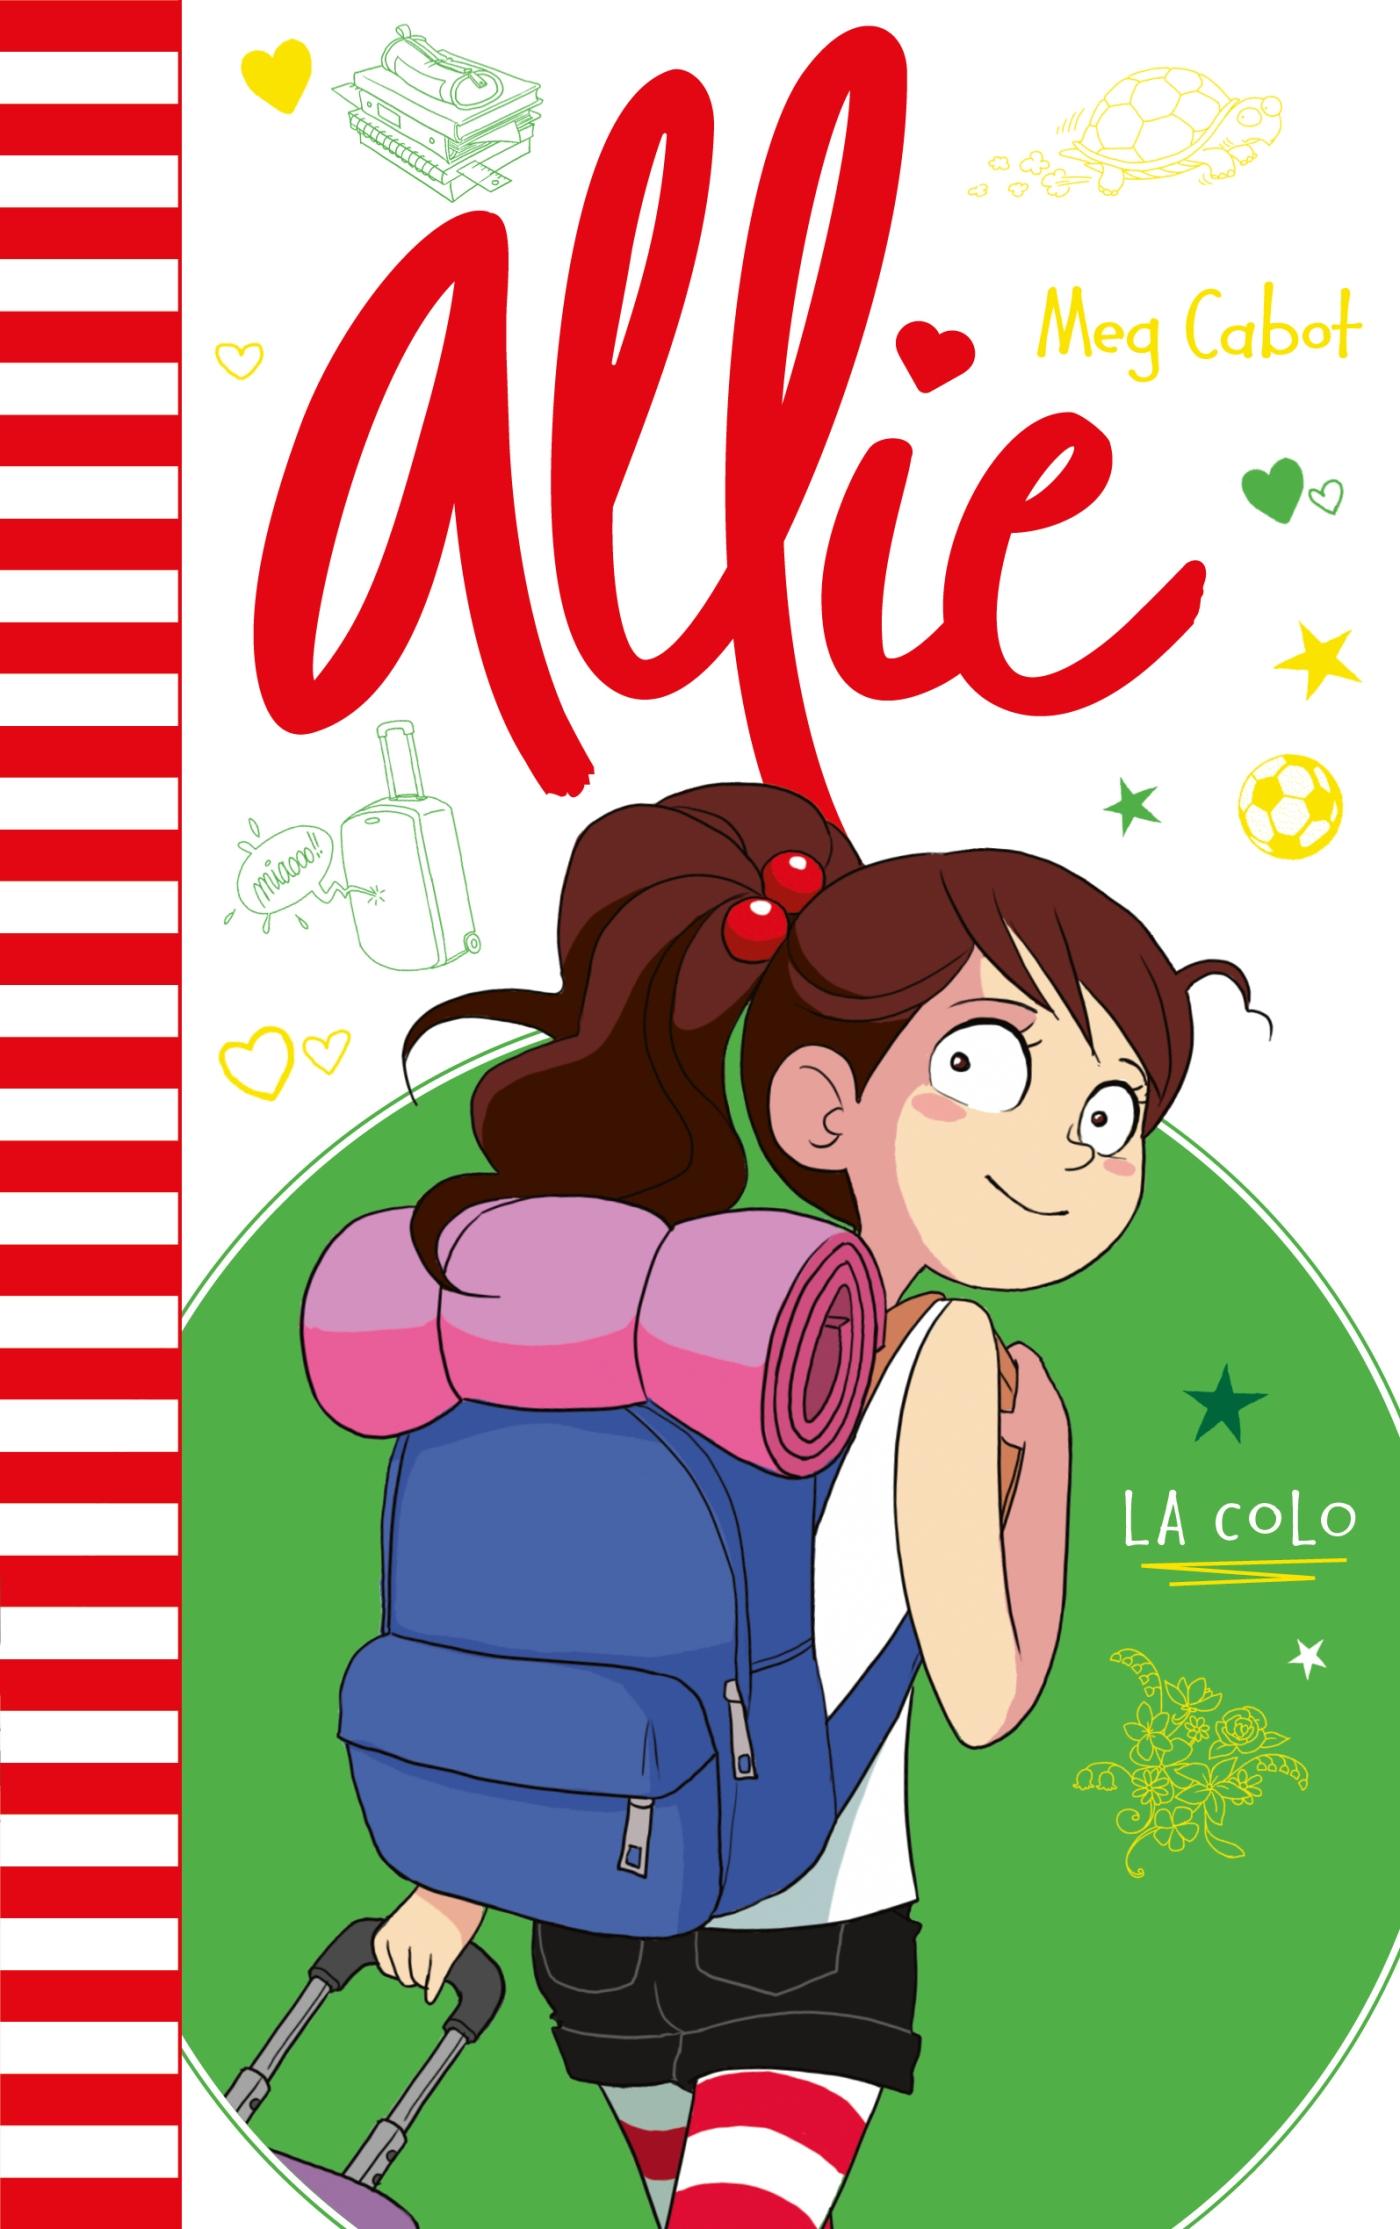 Allie - La colo | Cabot, Meg. Auteur